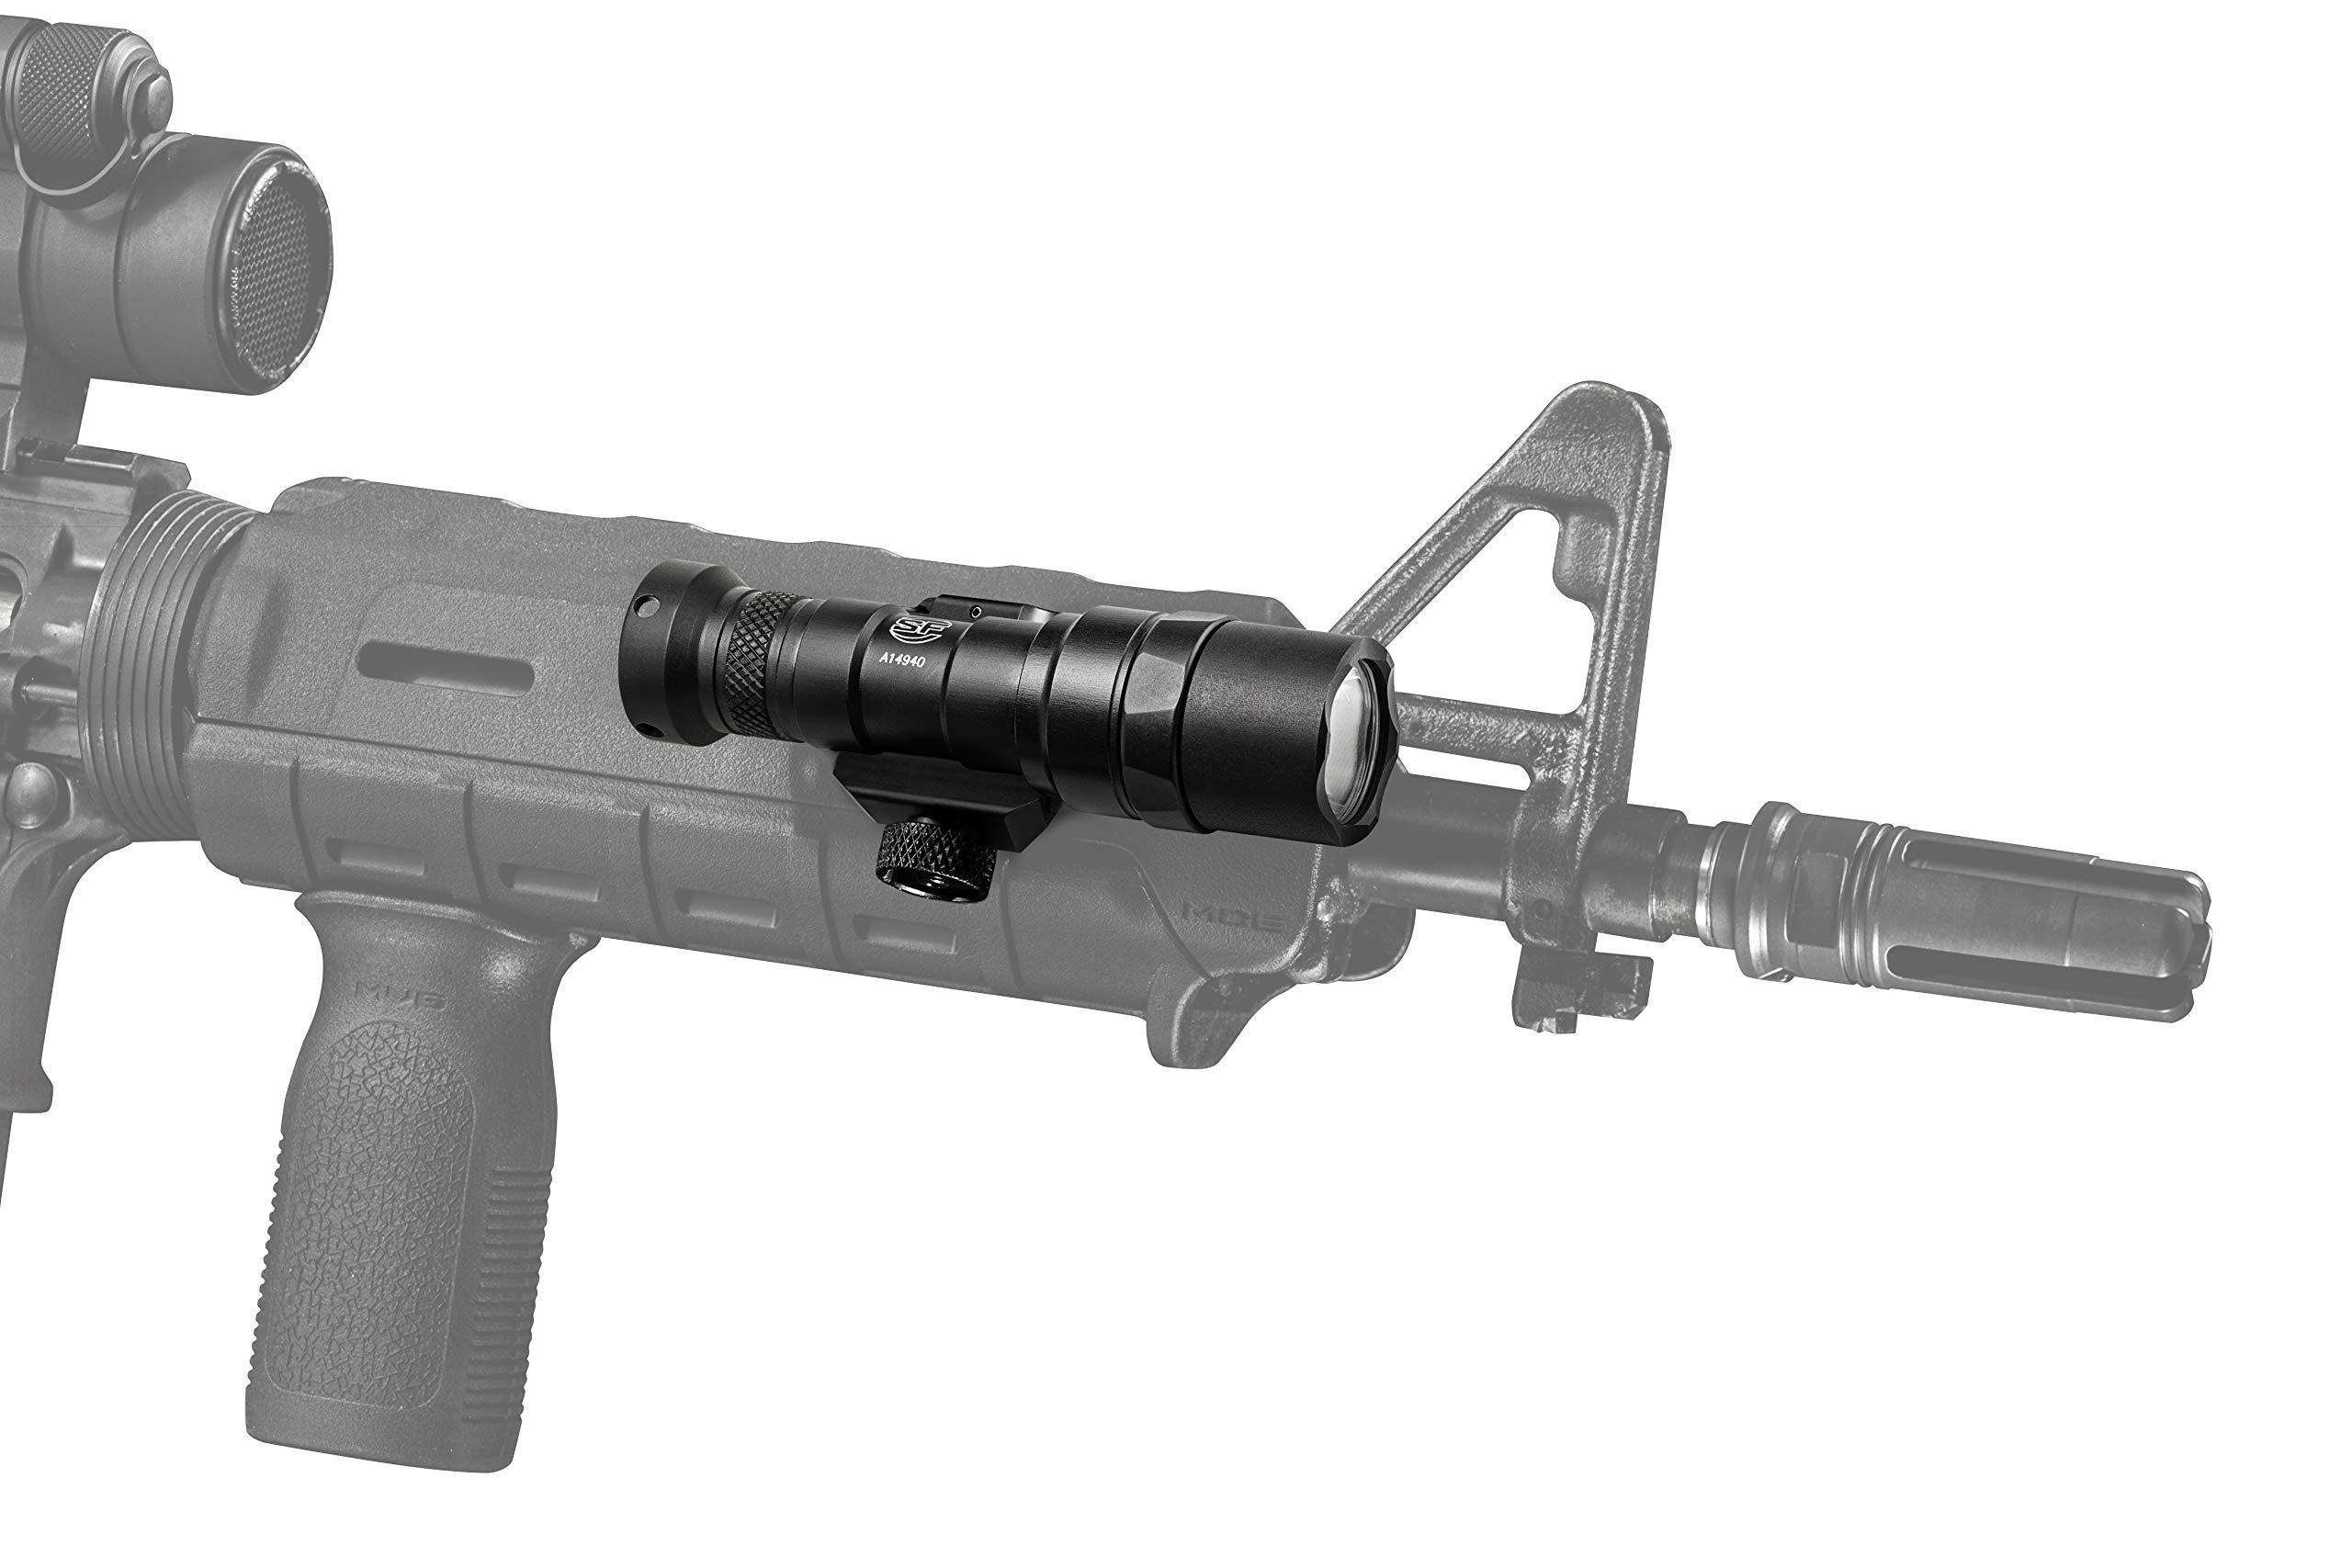 SureFire M300 Mini Scout M300 Mini Scout Light w/Z68 Click-Type tailcap pushbutton Switch, Black, Black by SureFire (Image #4)